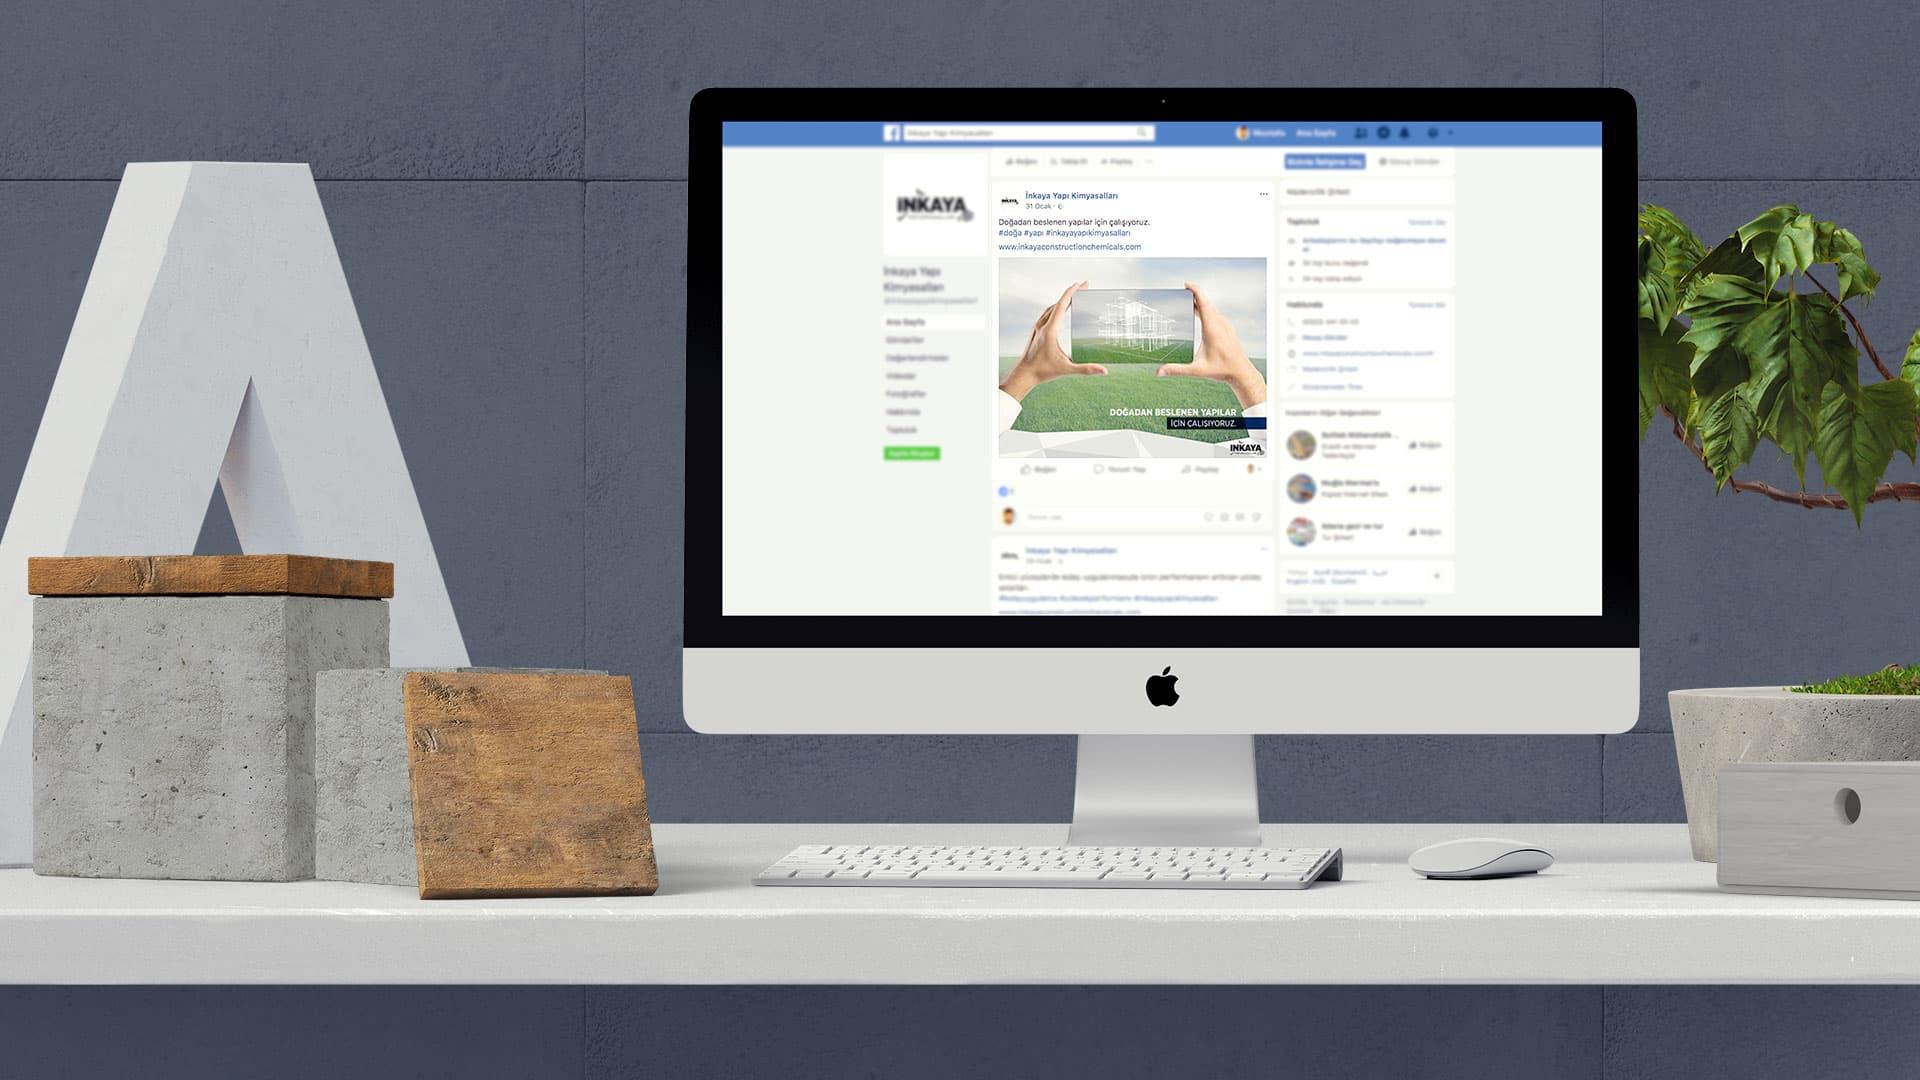 Inkaya Madencilik - Sosyal Medya